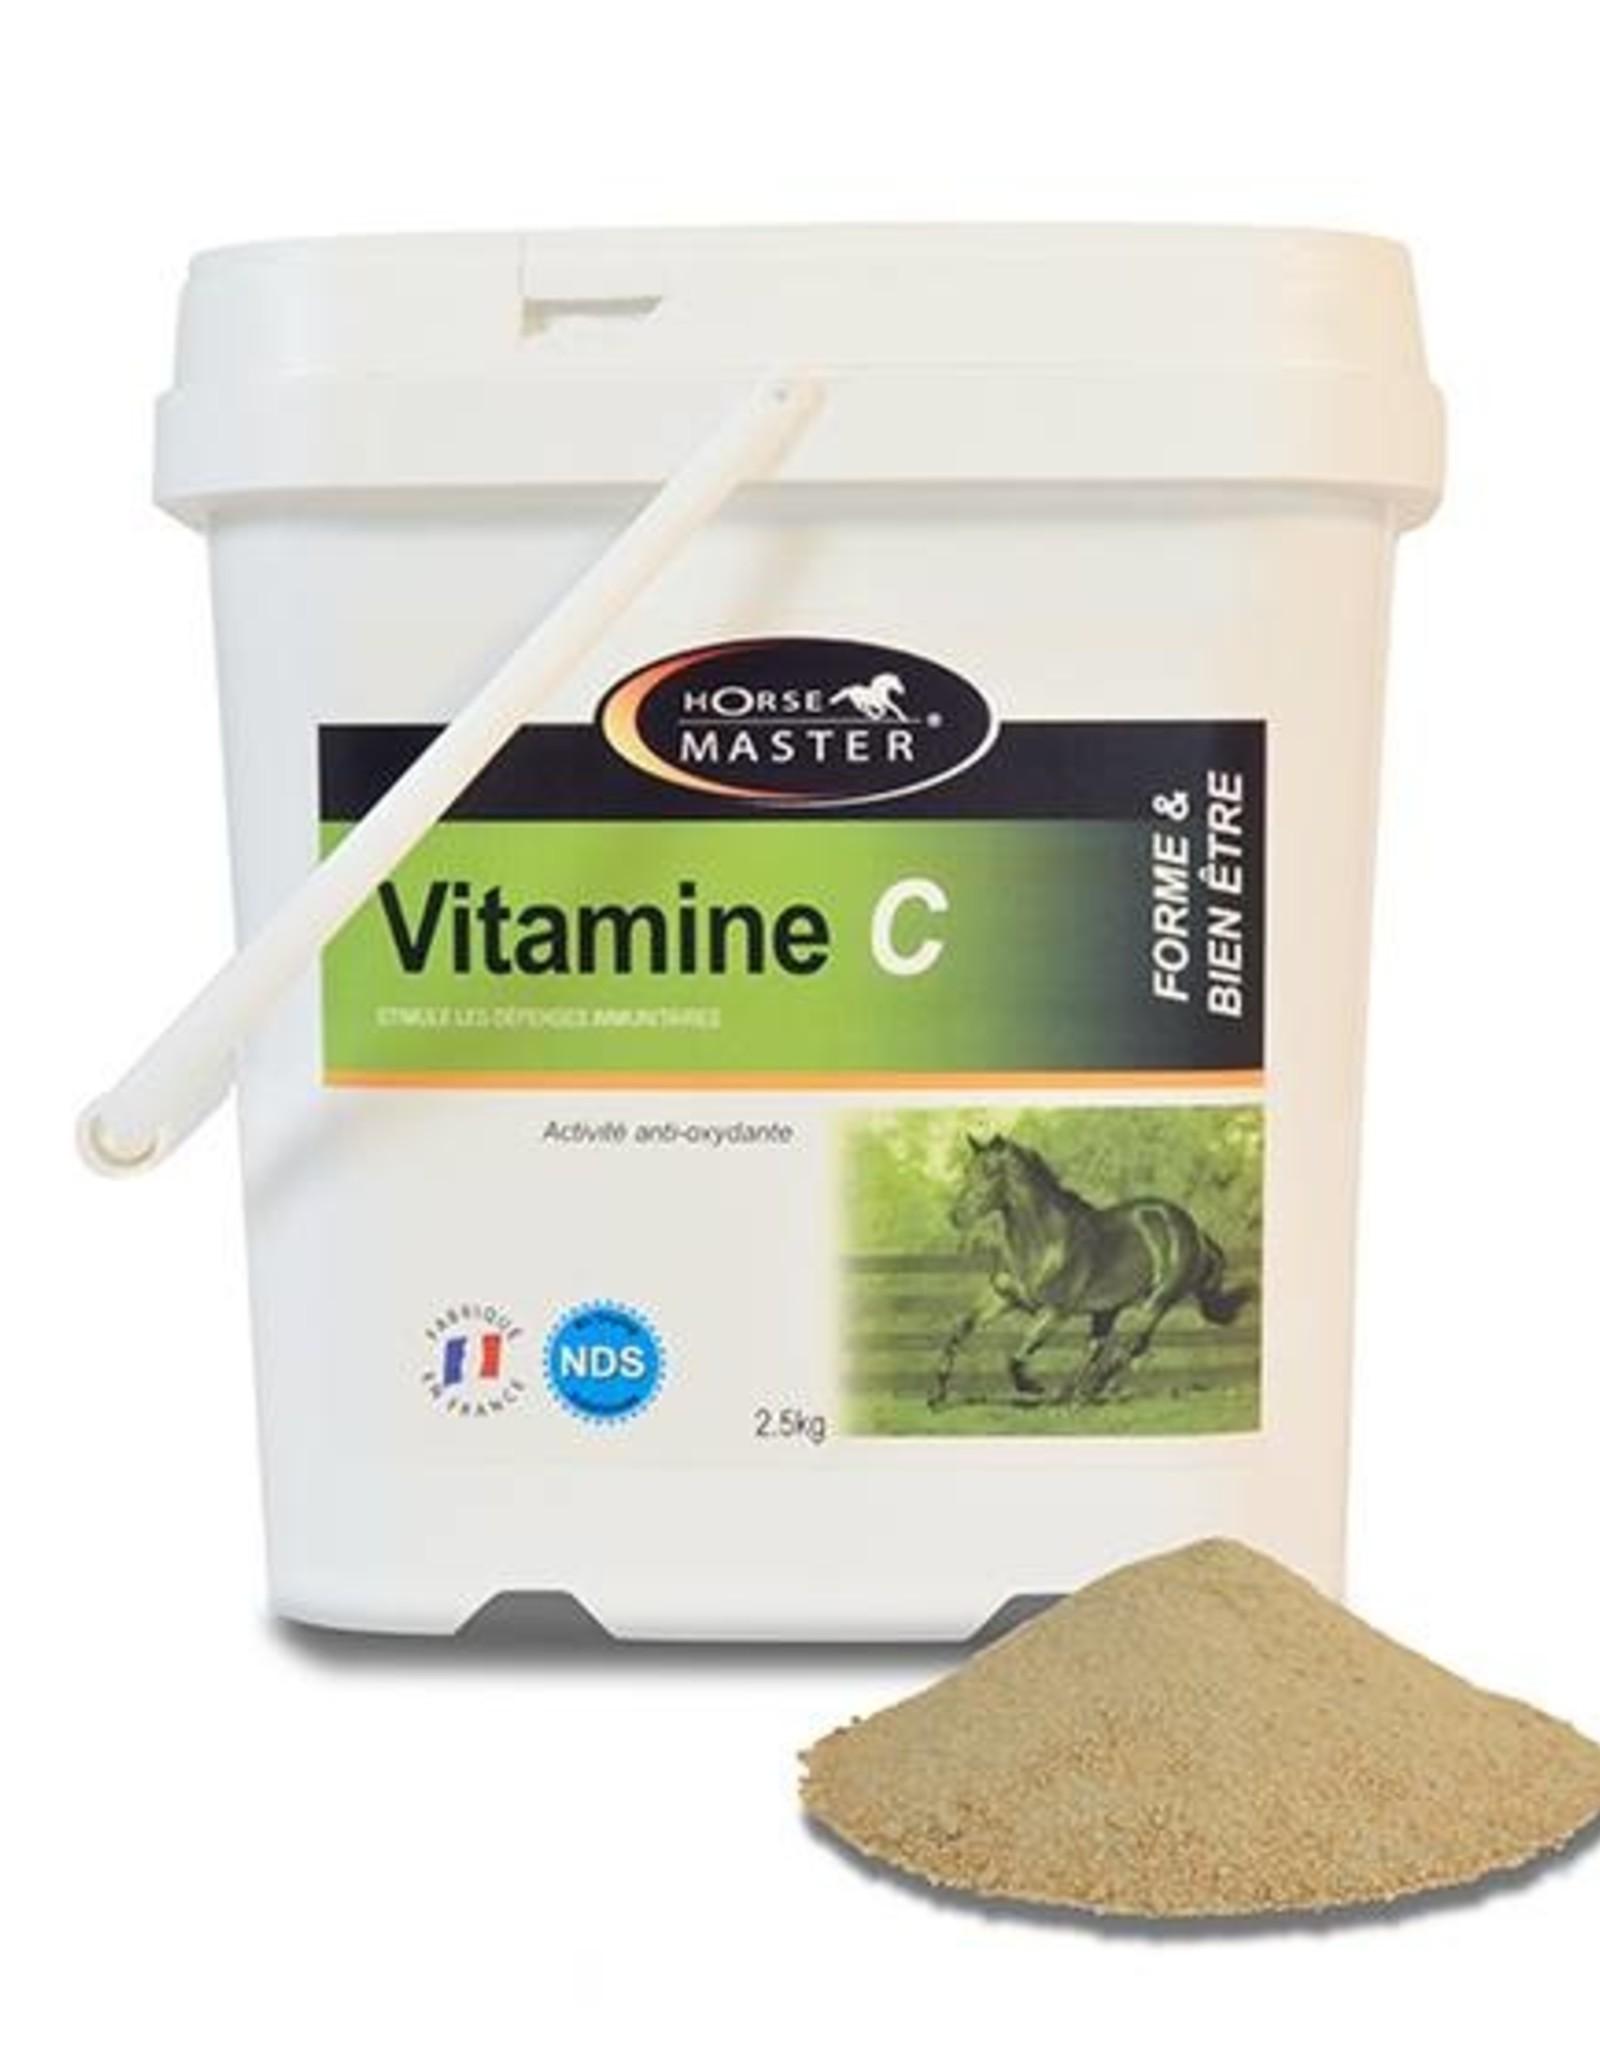 Horse Master Vitamin C